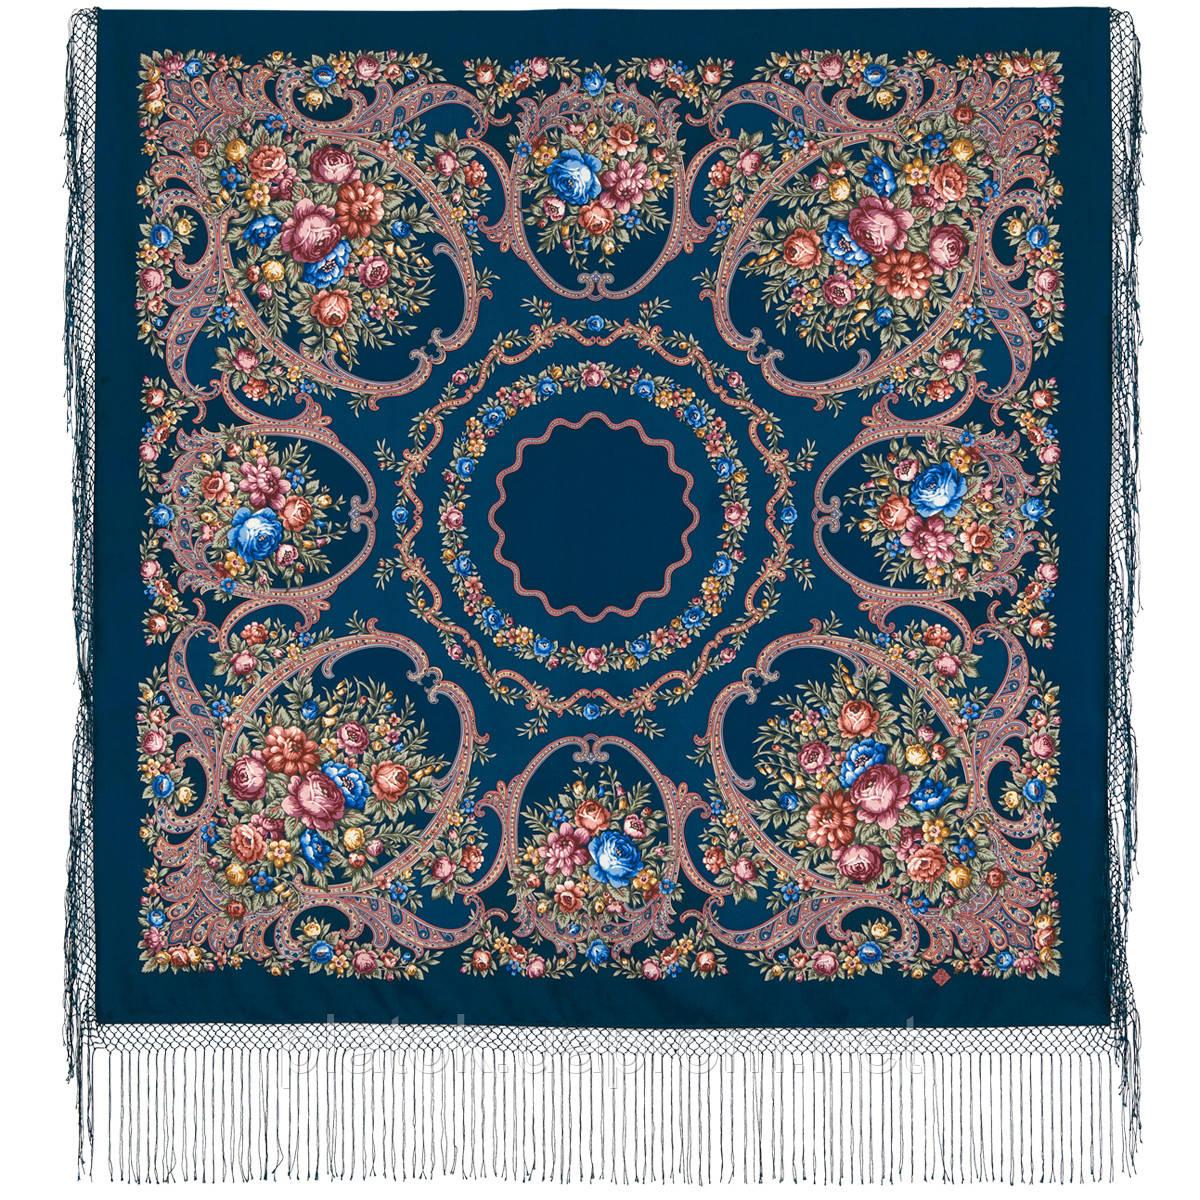 Русские сезоны 948-14, павлопосадский платок (шаль) из уплотненной шерсти с шелковой вязанной бахромой